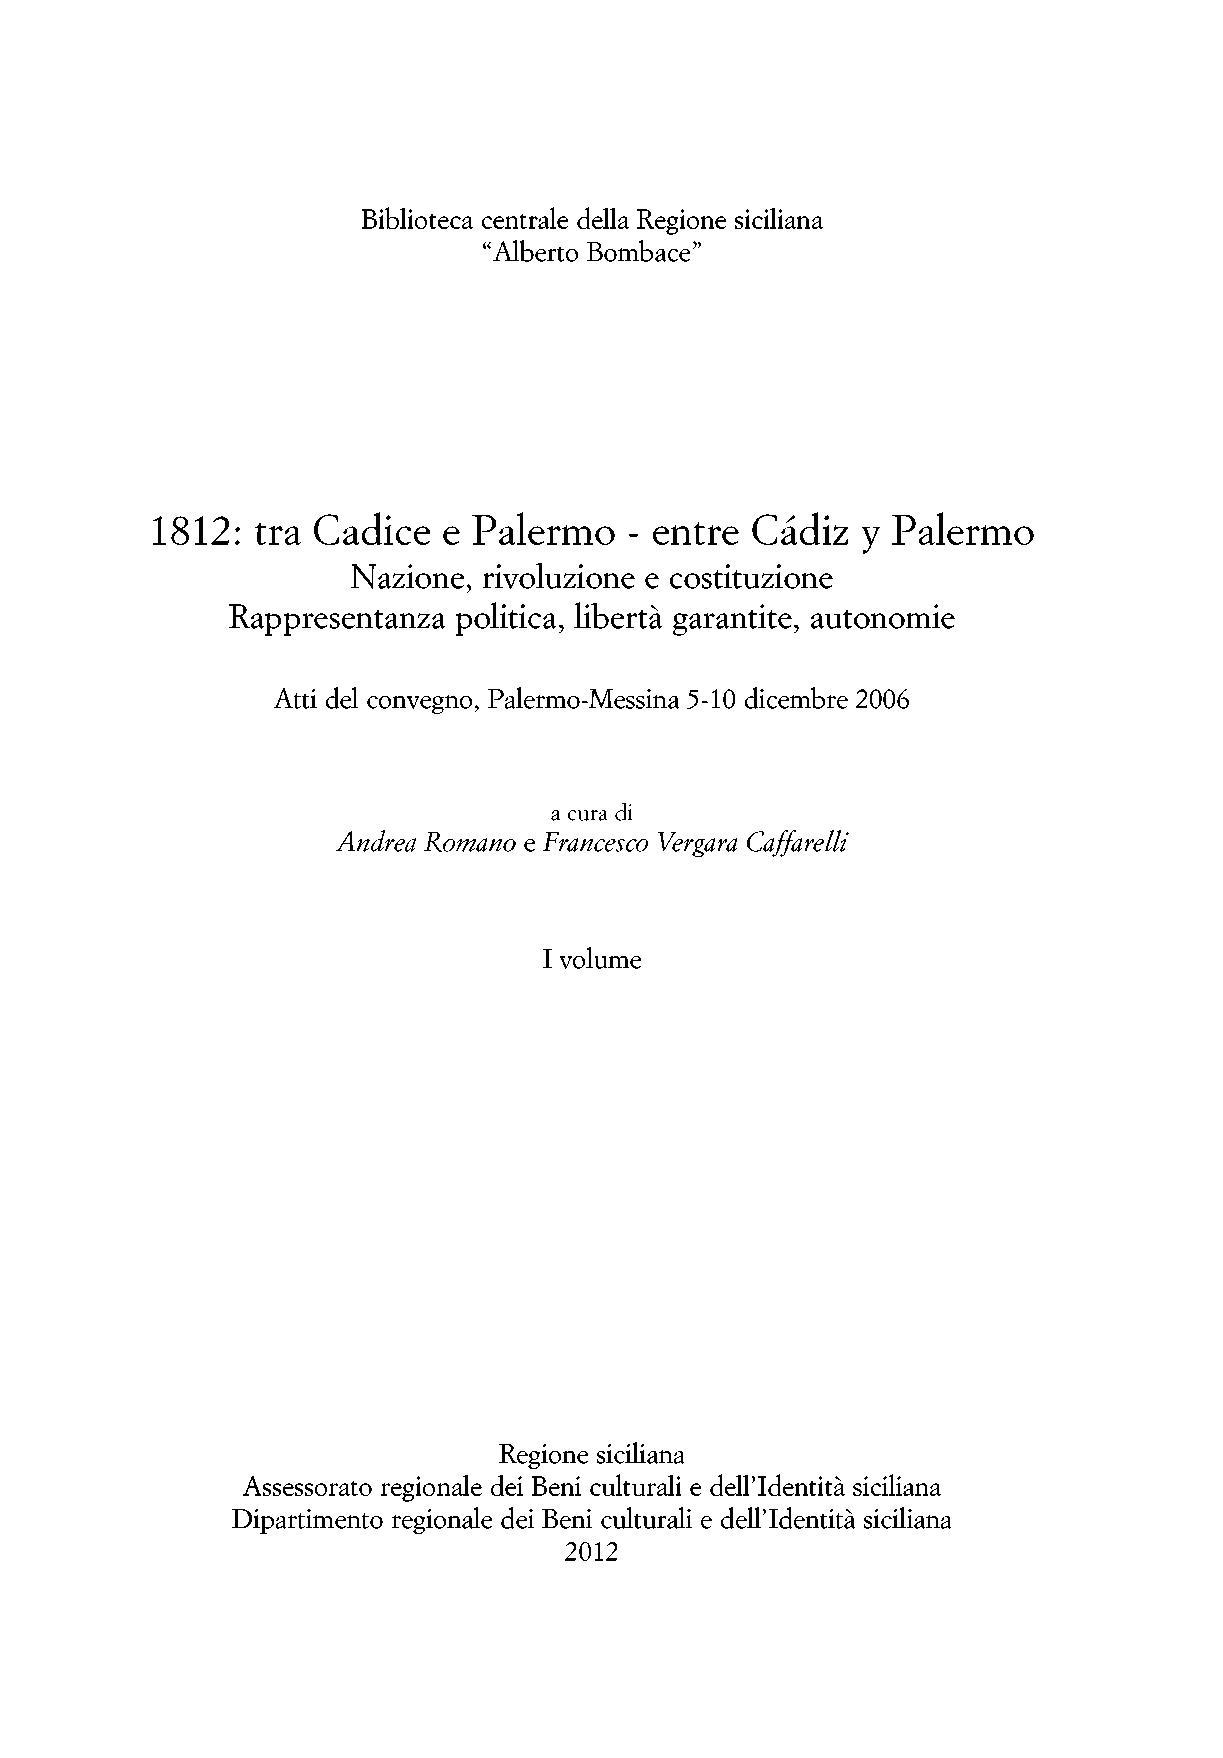 1812: tra Cadice e Palermo - entre Cadiz y Palermo: Nazione,rivoluzione e constituzione. Rappresentanza politica, liberta garantite, autonomie